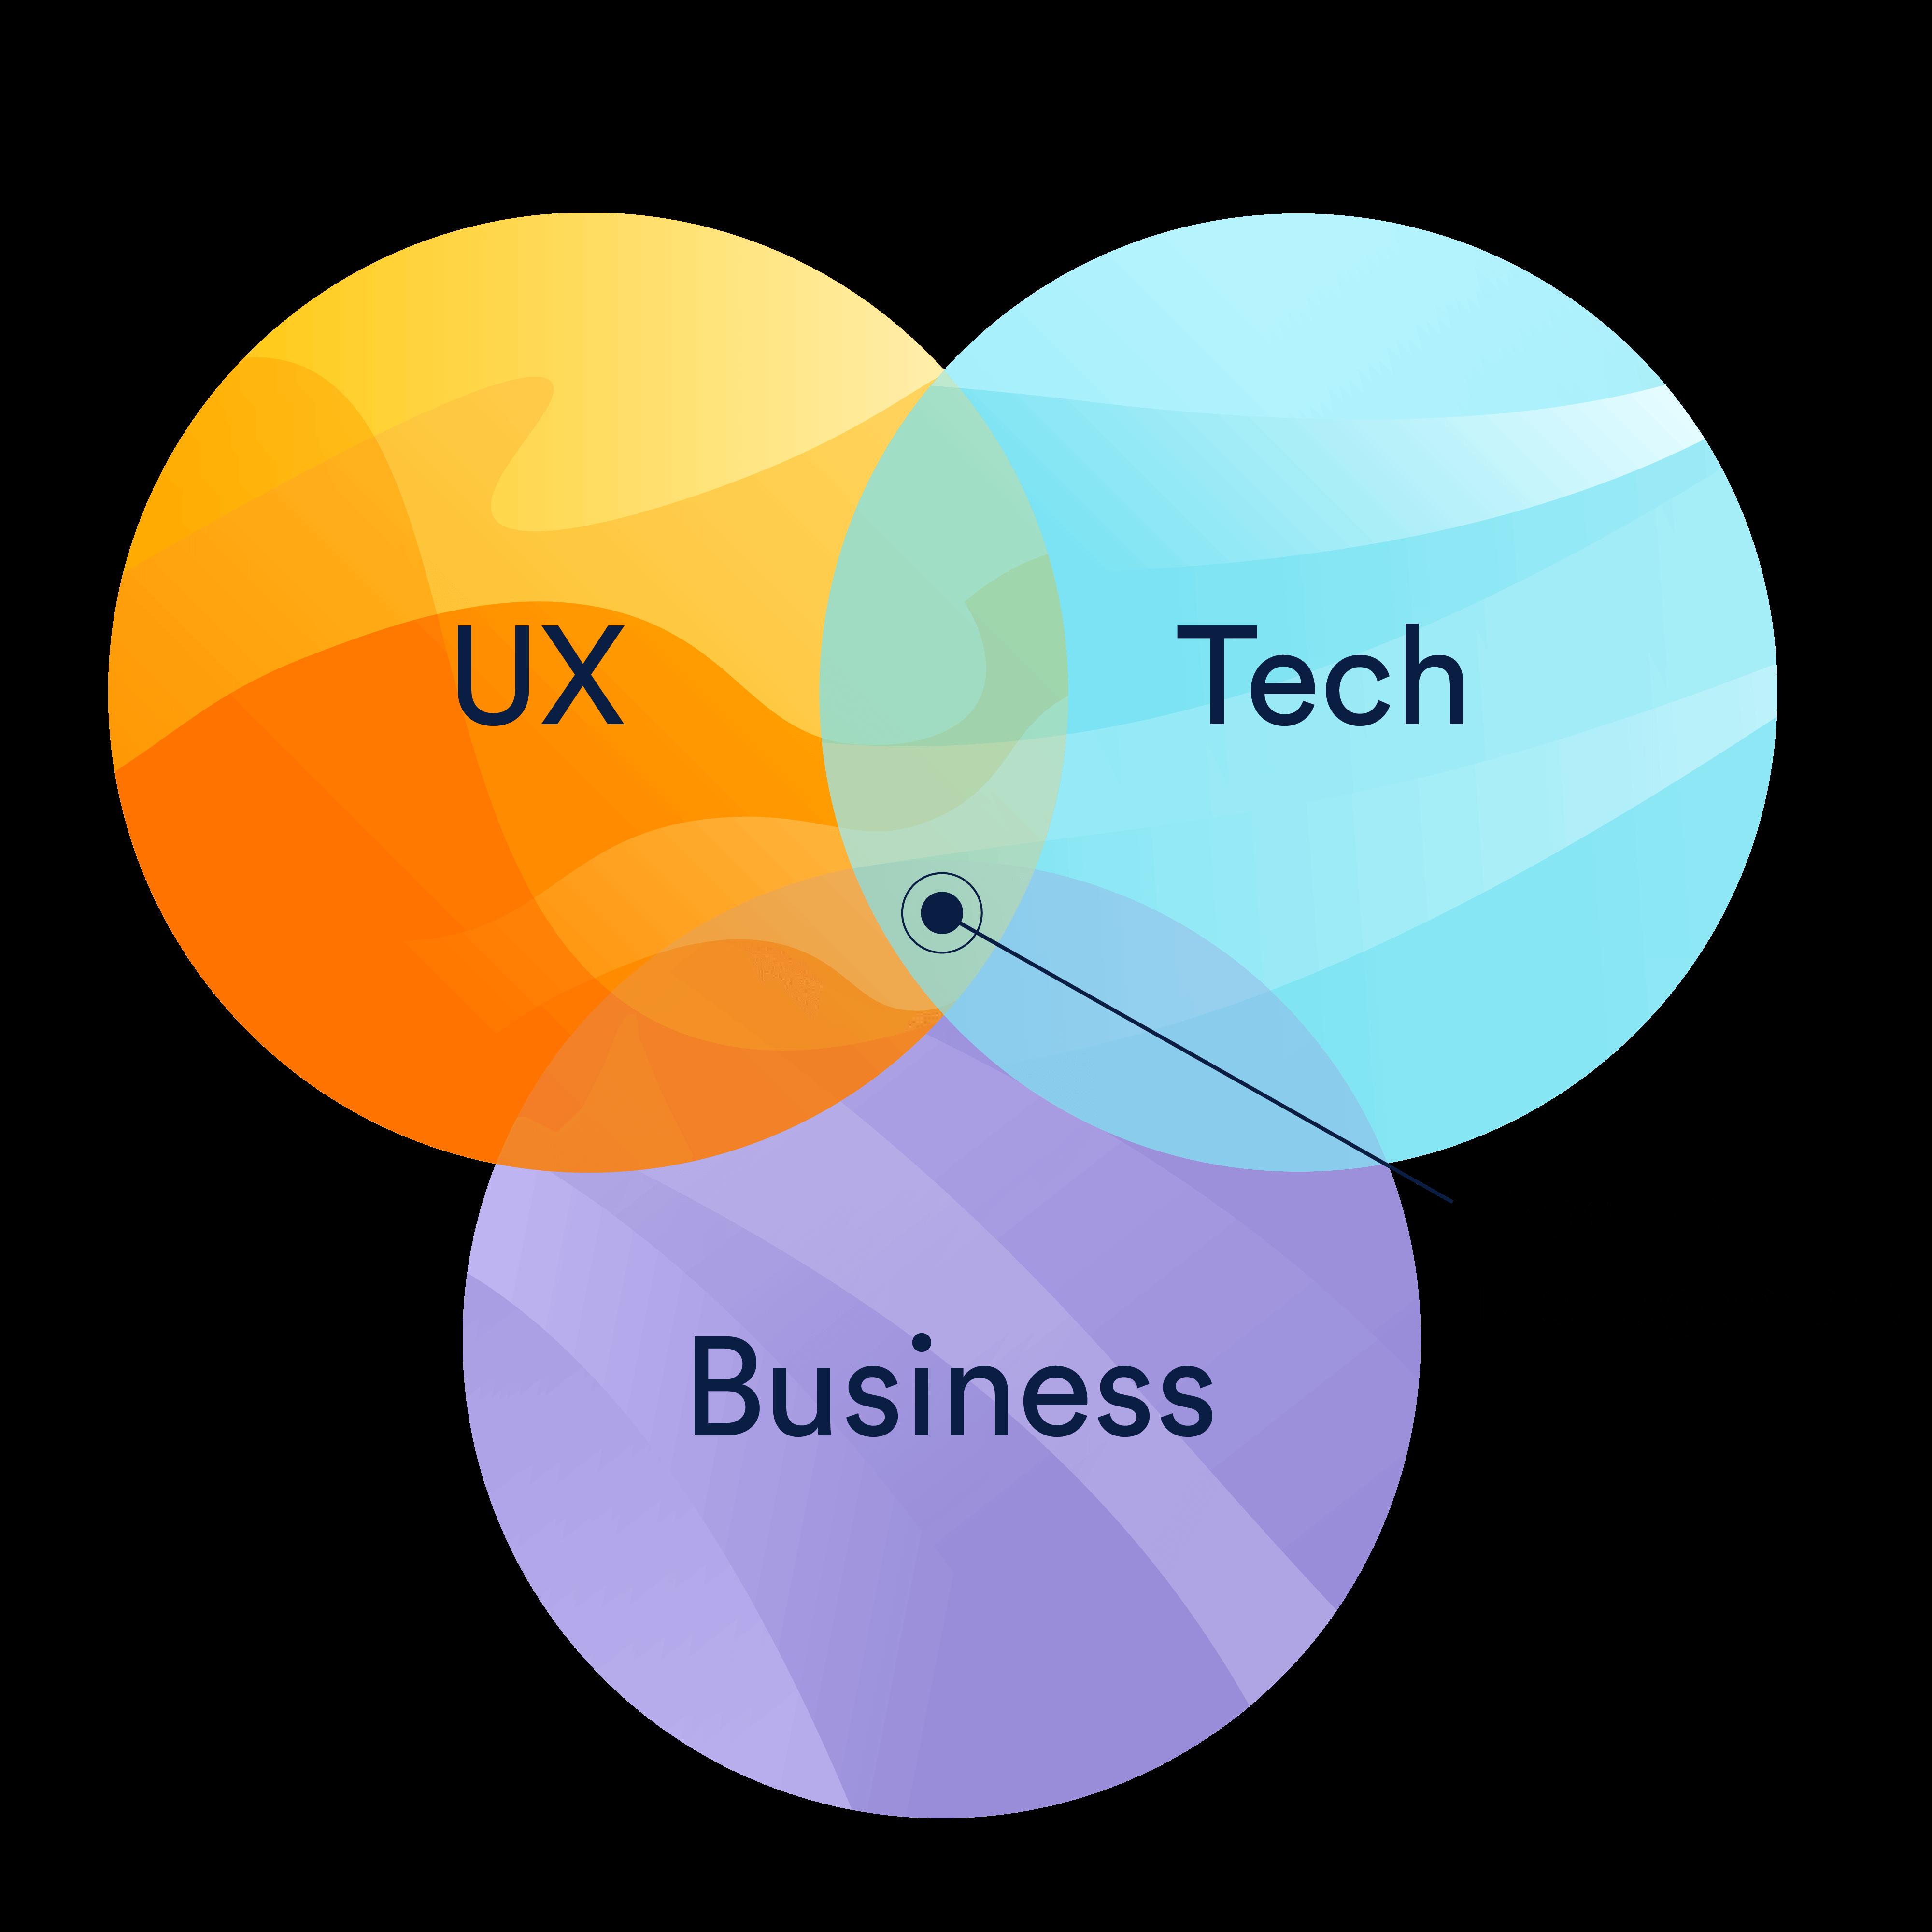 Martin Eriksson descreveu bem o gerenciamento de produtos como a intersecção de negócios, experiência do usuário e tecnologia.